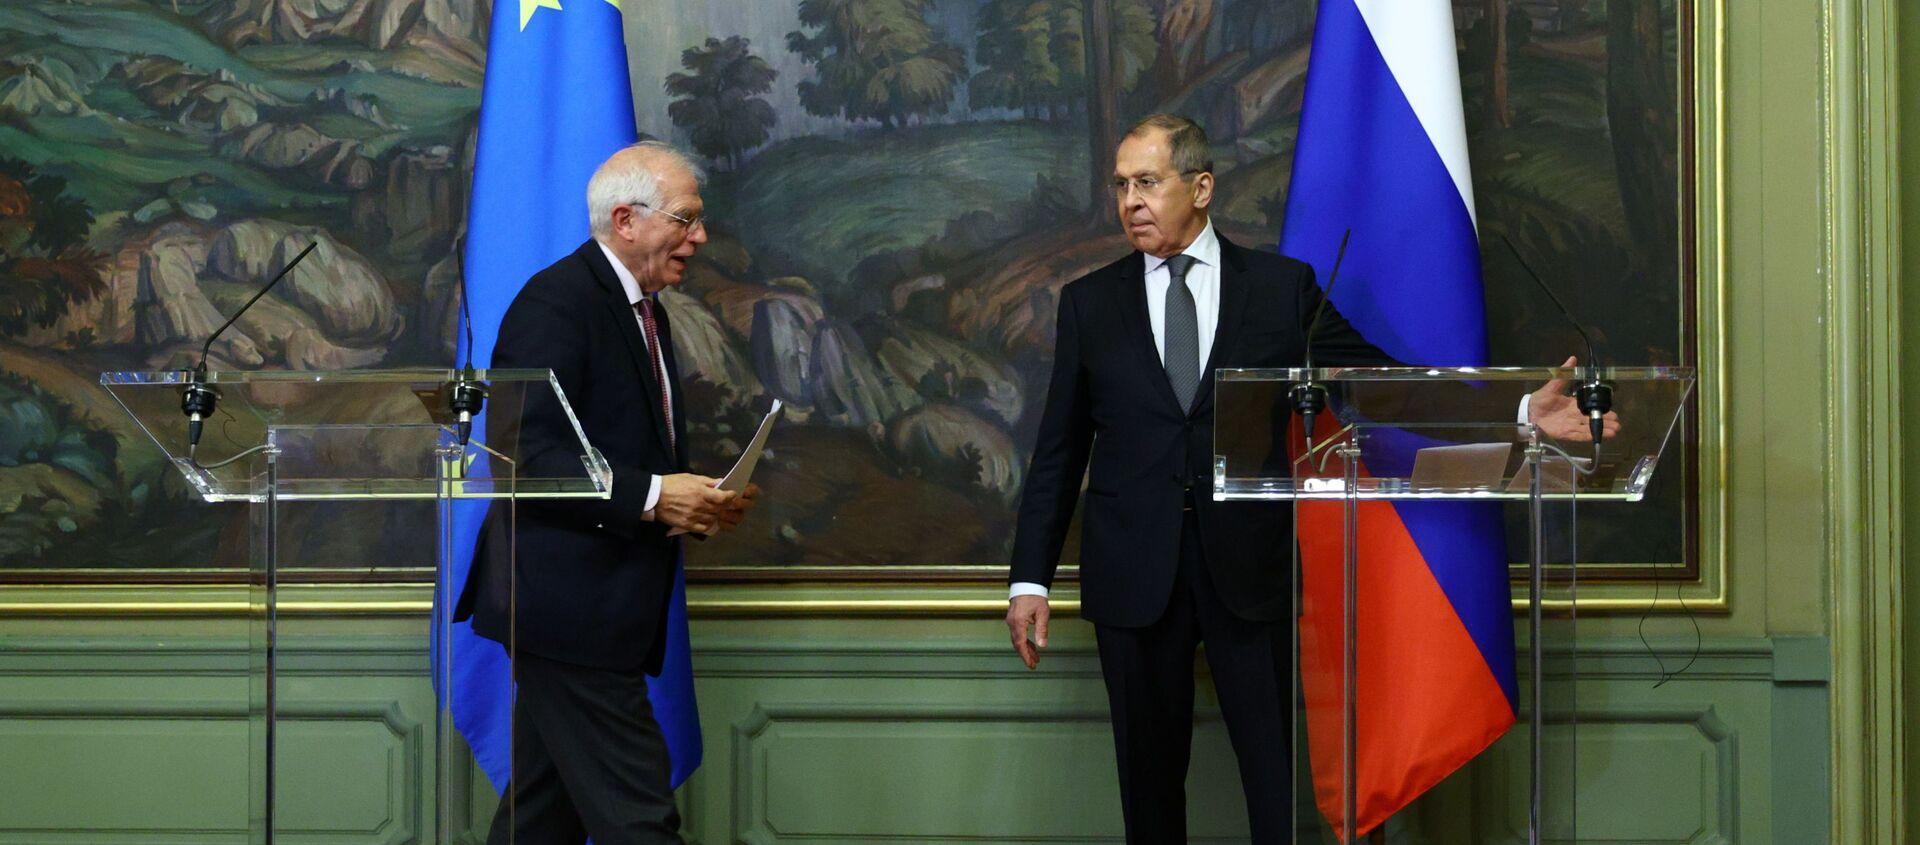 Ruský ministr zahraničí Sergej Lavrov a šéf zahraniční politiky Evropské unie Josep Borrell se účastní tiskové konference po jejich jednáních v Moskvě 5. února 2021 - Sputnik Česká republika, 1920, 08.02.2021